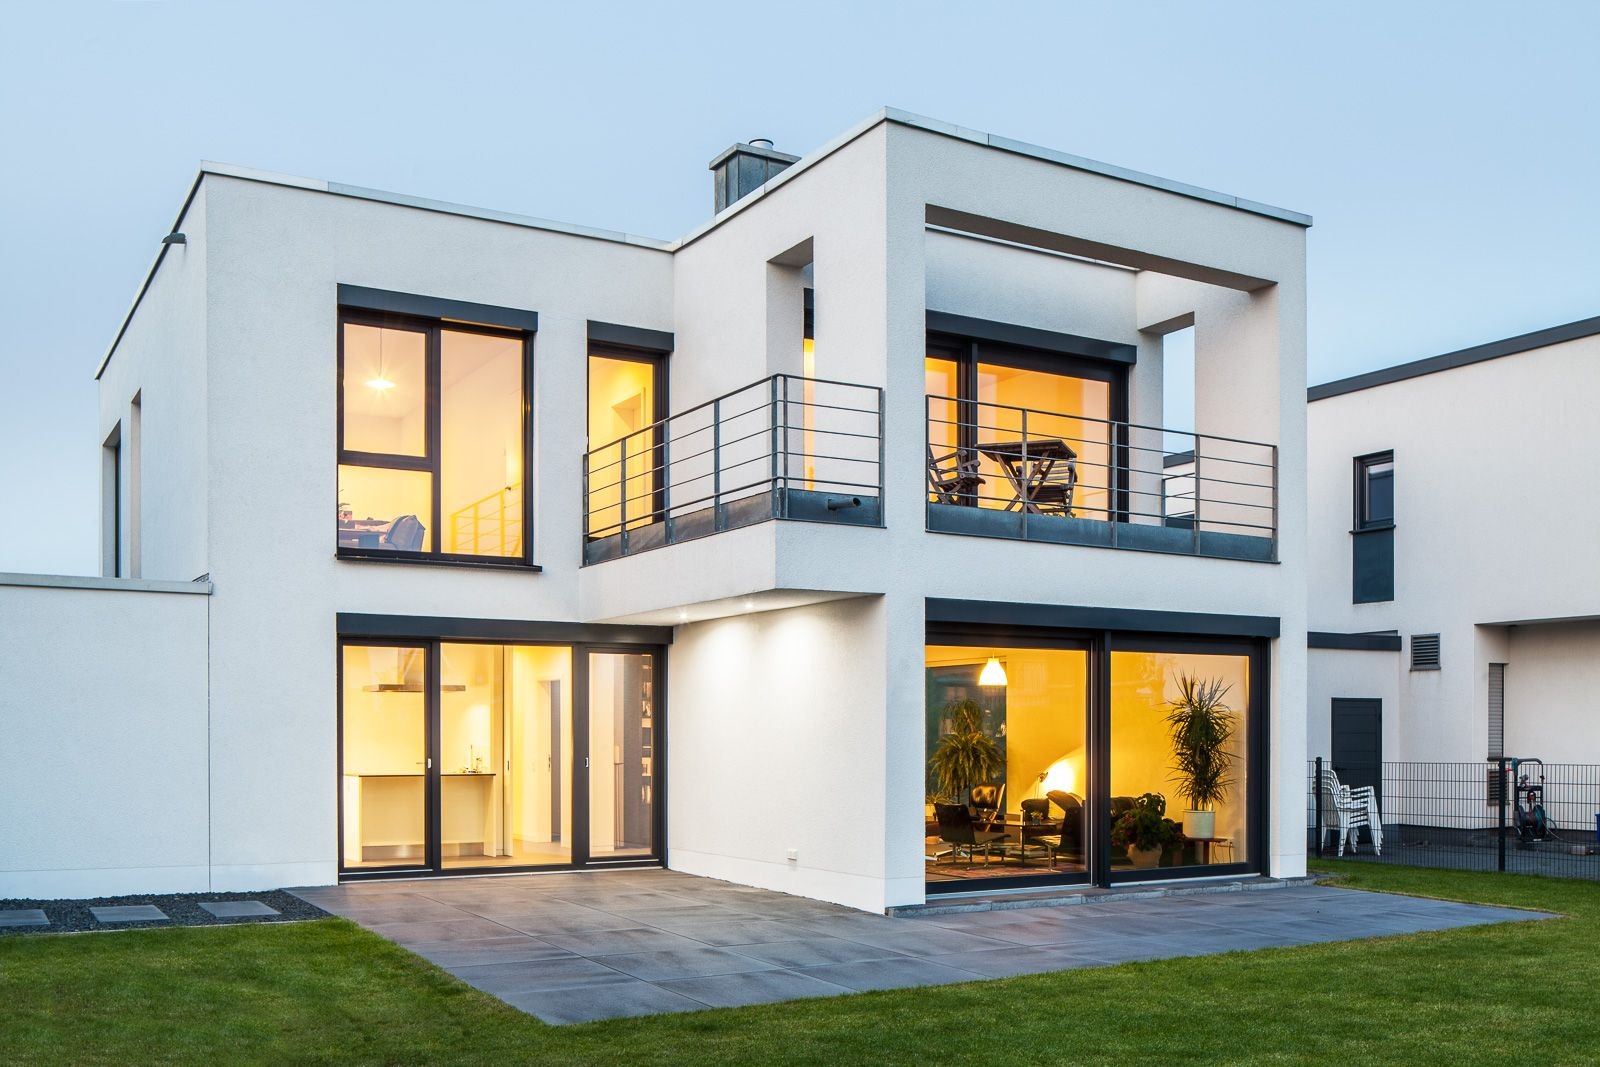 haus s ansicht gartenseite mit balkon und loggia stkn architekten fachadas 2018 pinterest. Black Bedroom Furniture Sets. Home Design Ideas